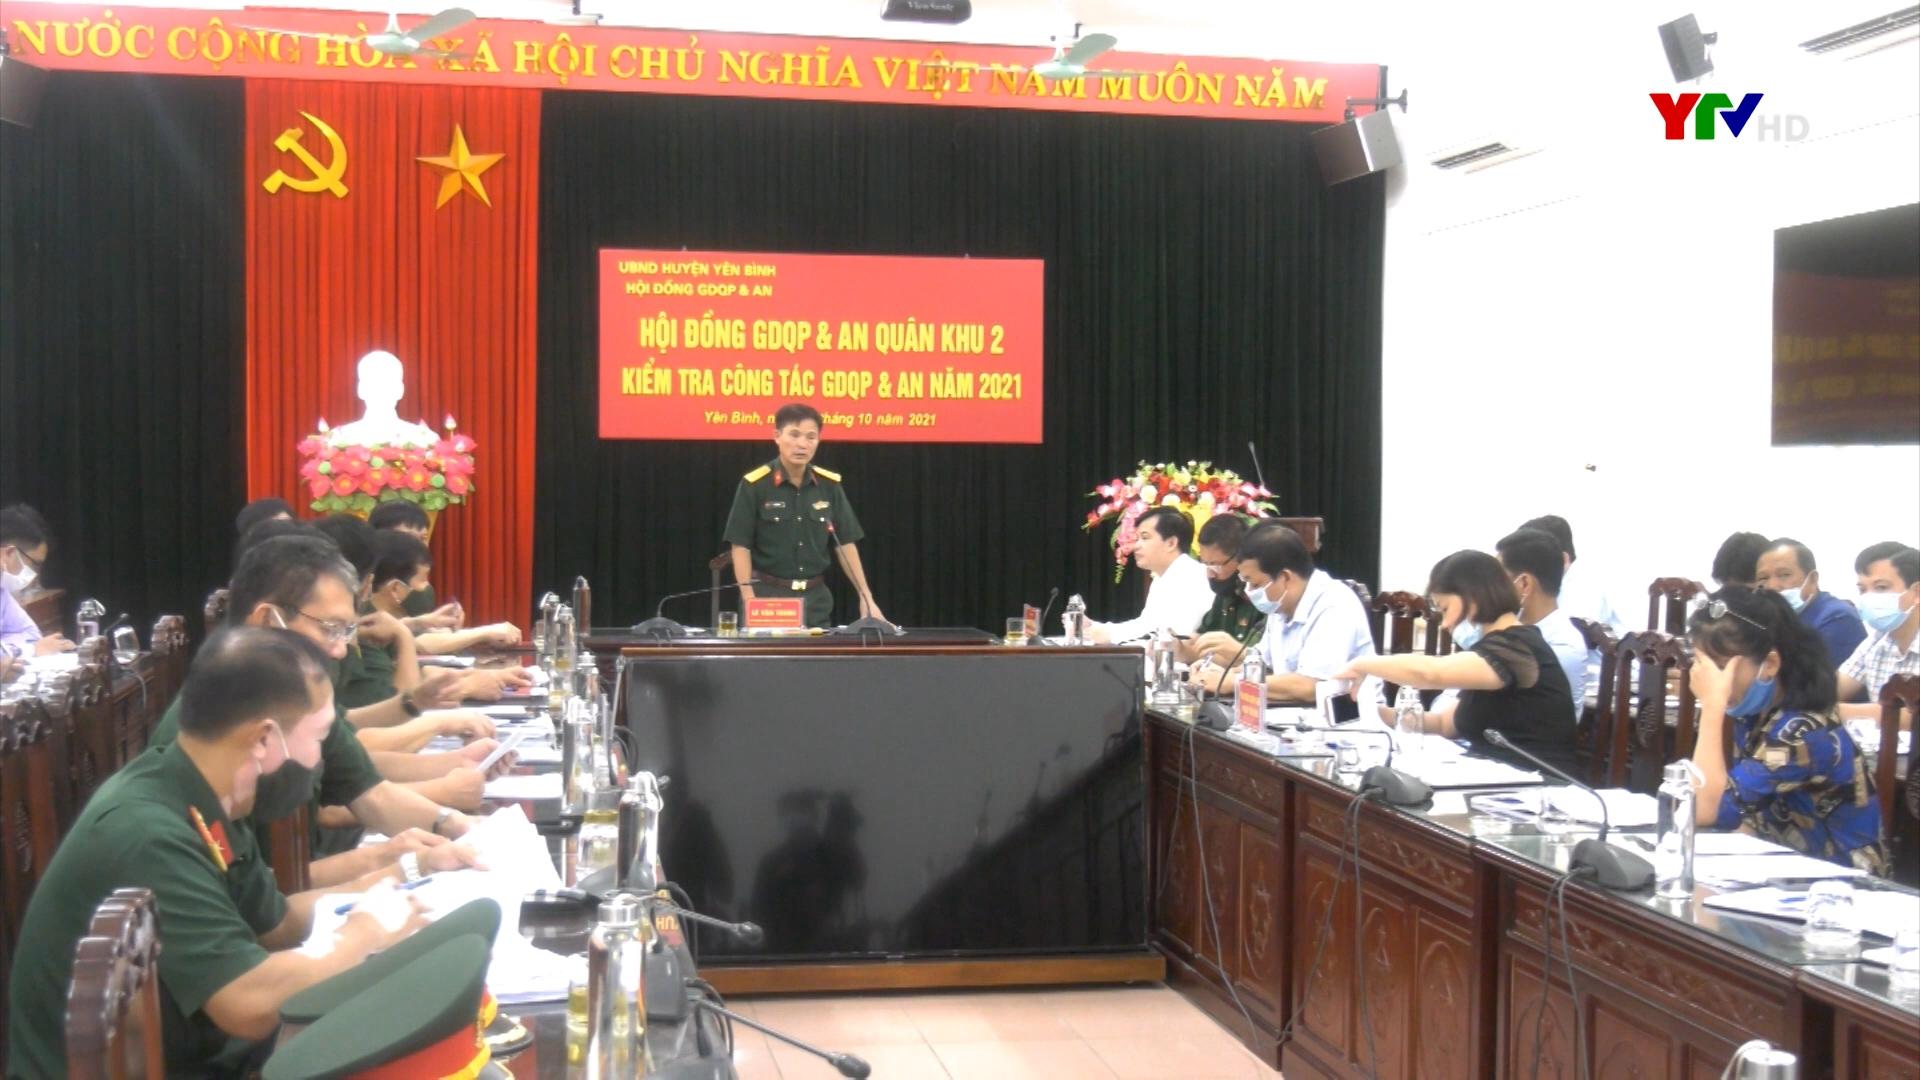 Đoàn công tác của Quân khu 2 kiểm tra công tác giáo dục QP và AN tại huyện Yên Bình.